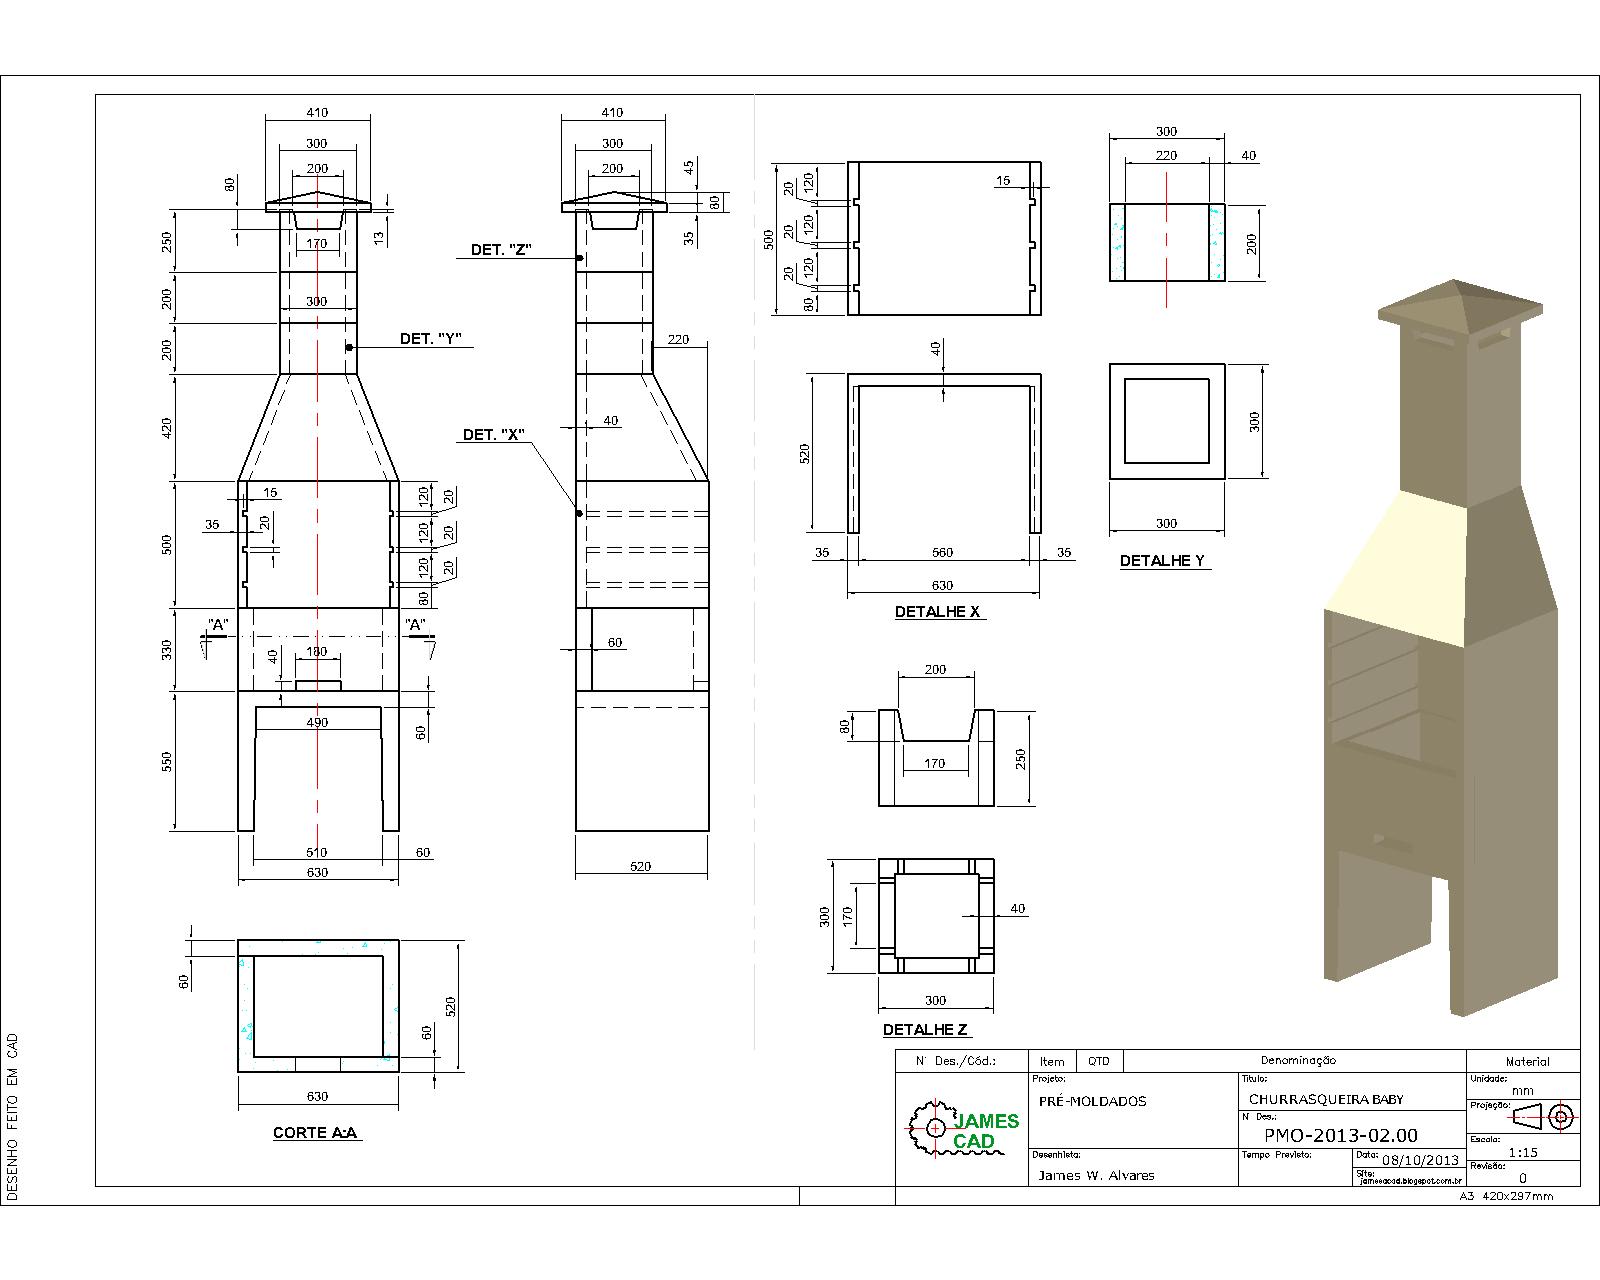 Desenhar Planta Online Jamescad Desenhos Mec 226 Nicos Civil Mobili 225 Rio Pr 233